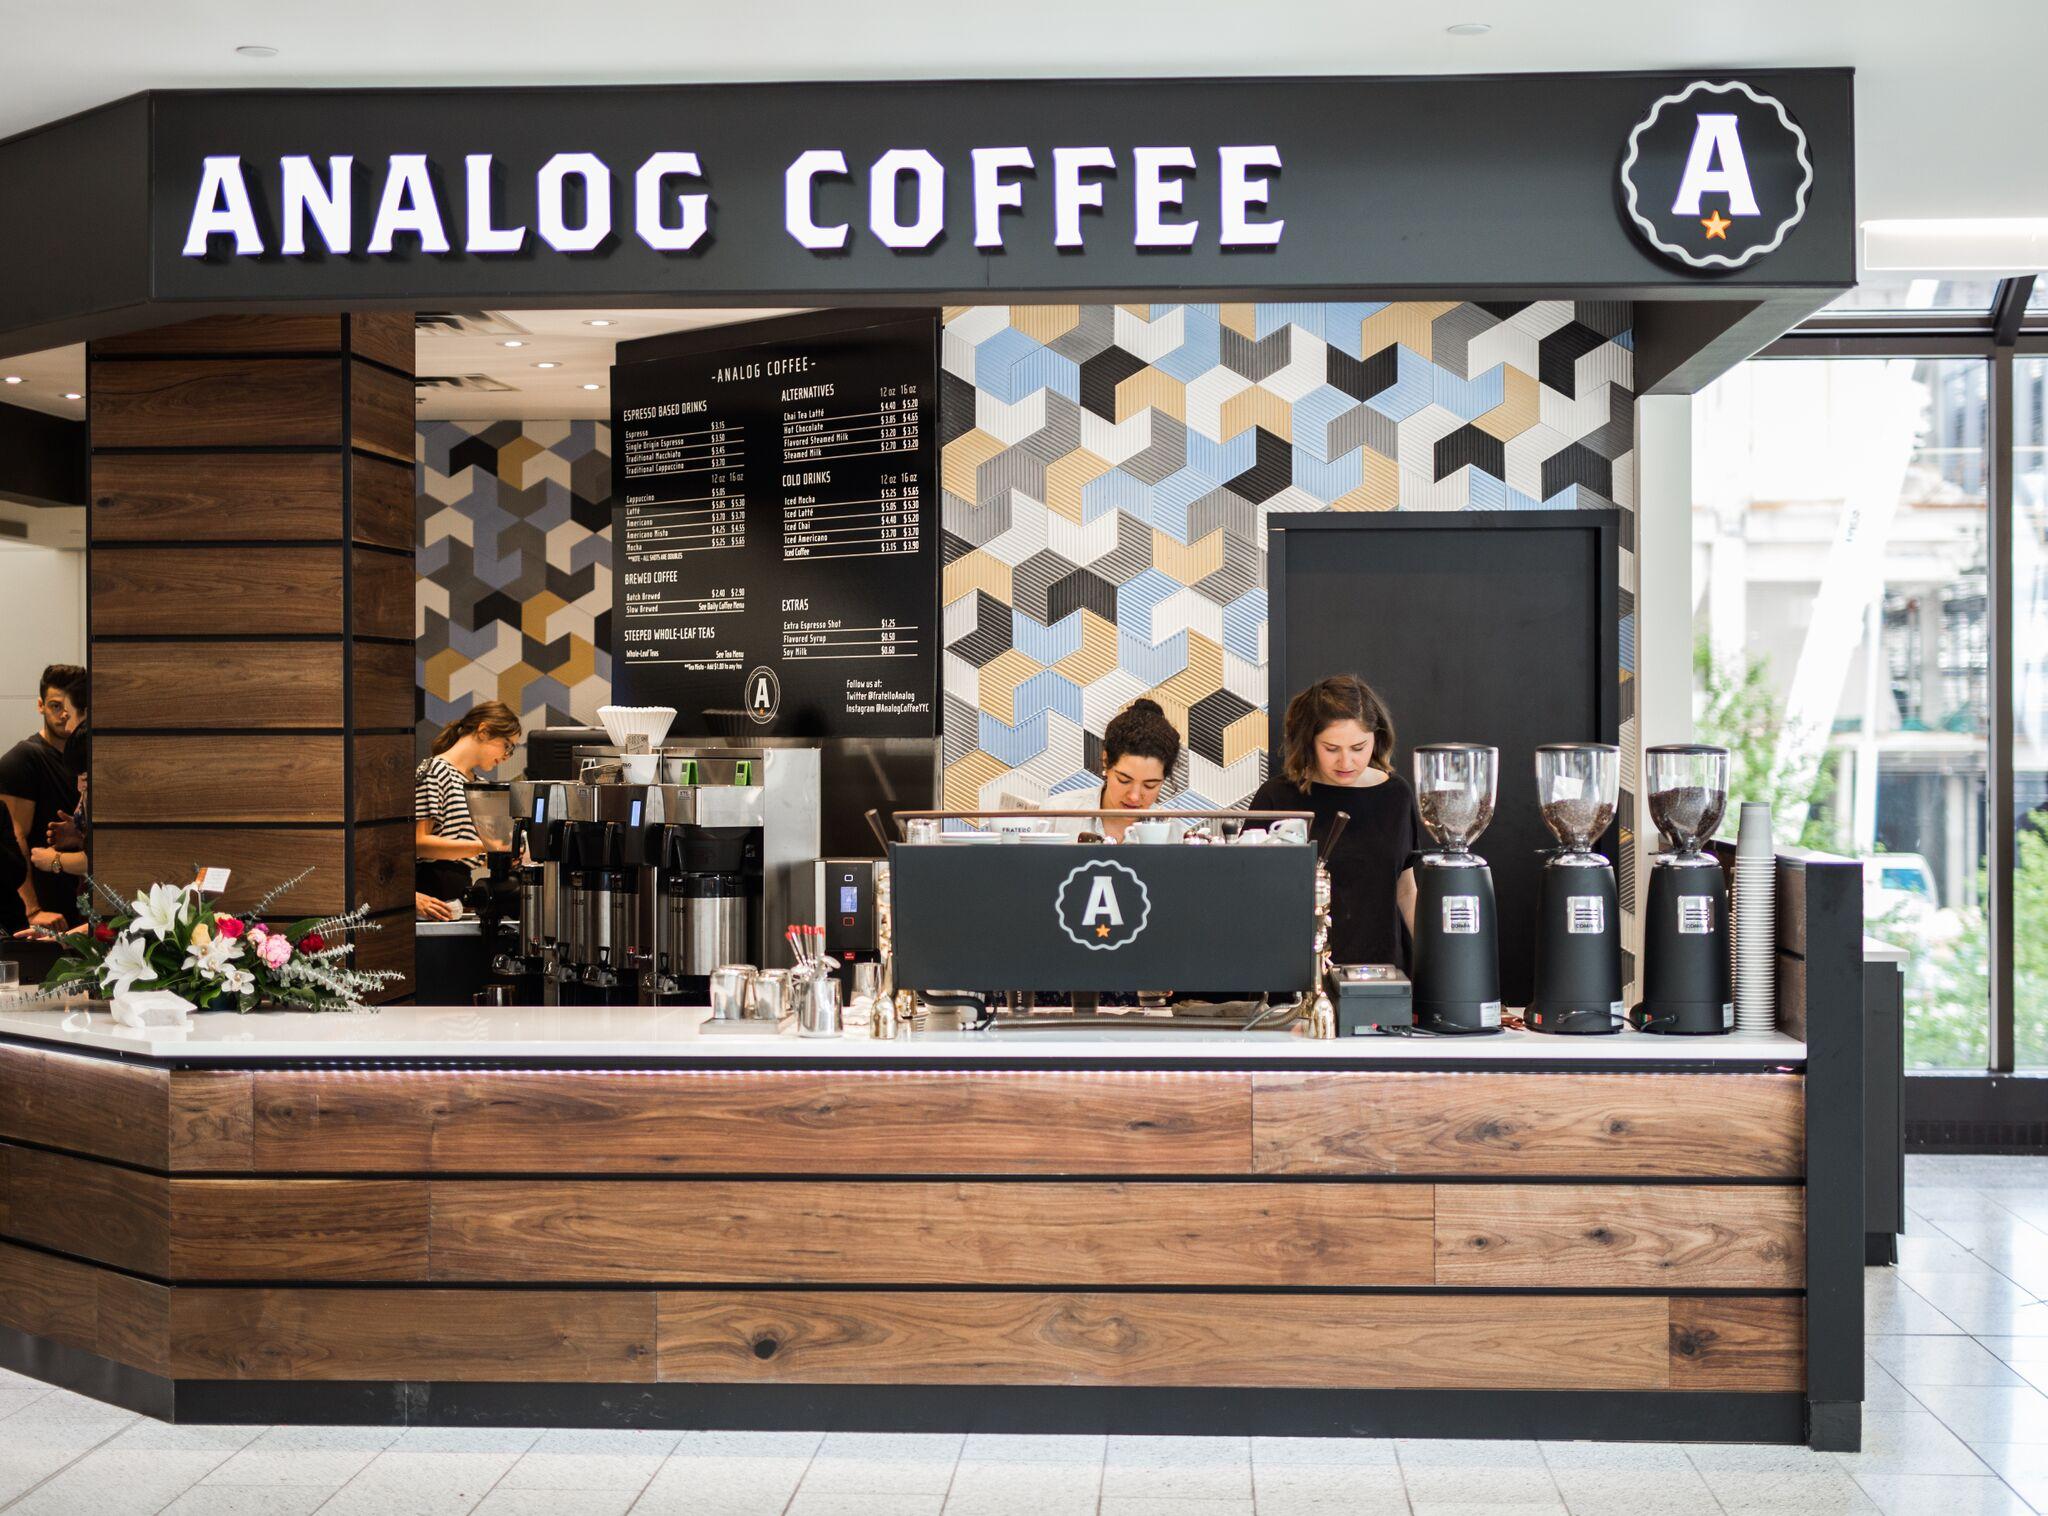 Analog coffee mang một nét đẹp cổ điển